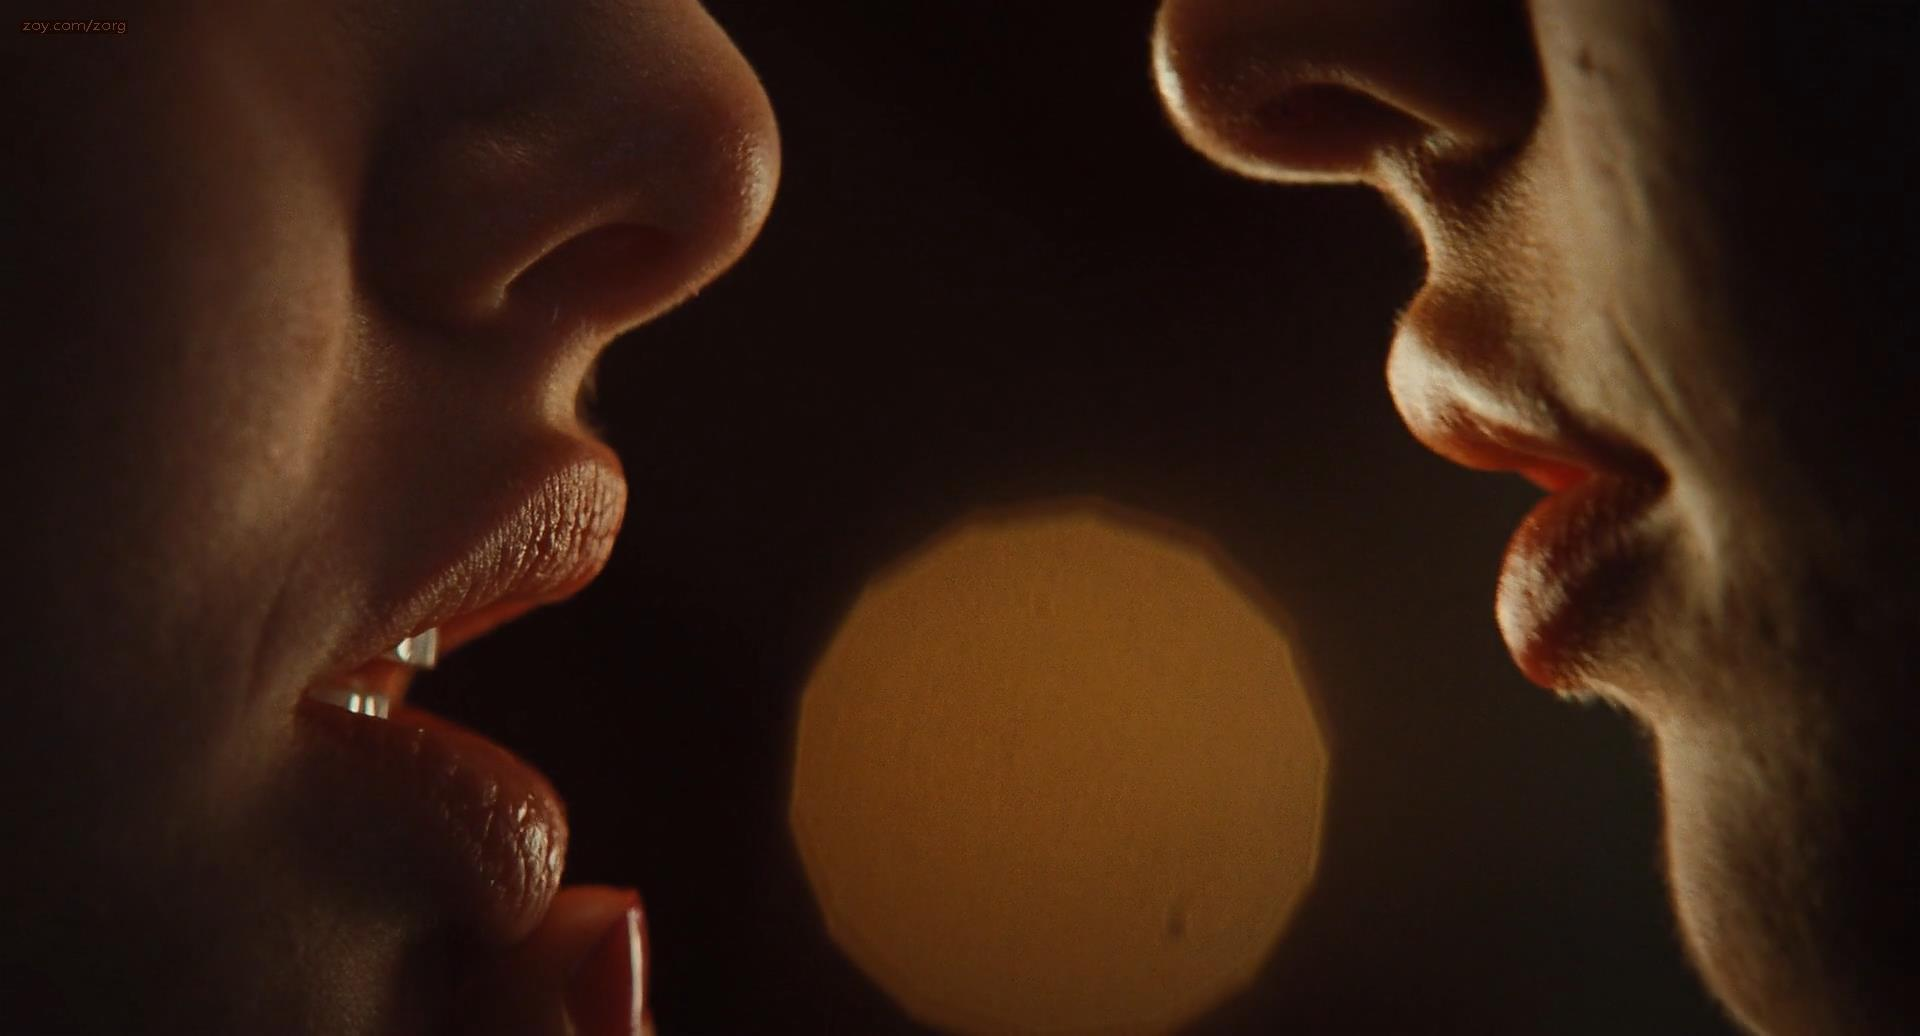 губы гифка поцелуй мужчины уже очень